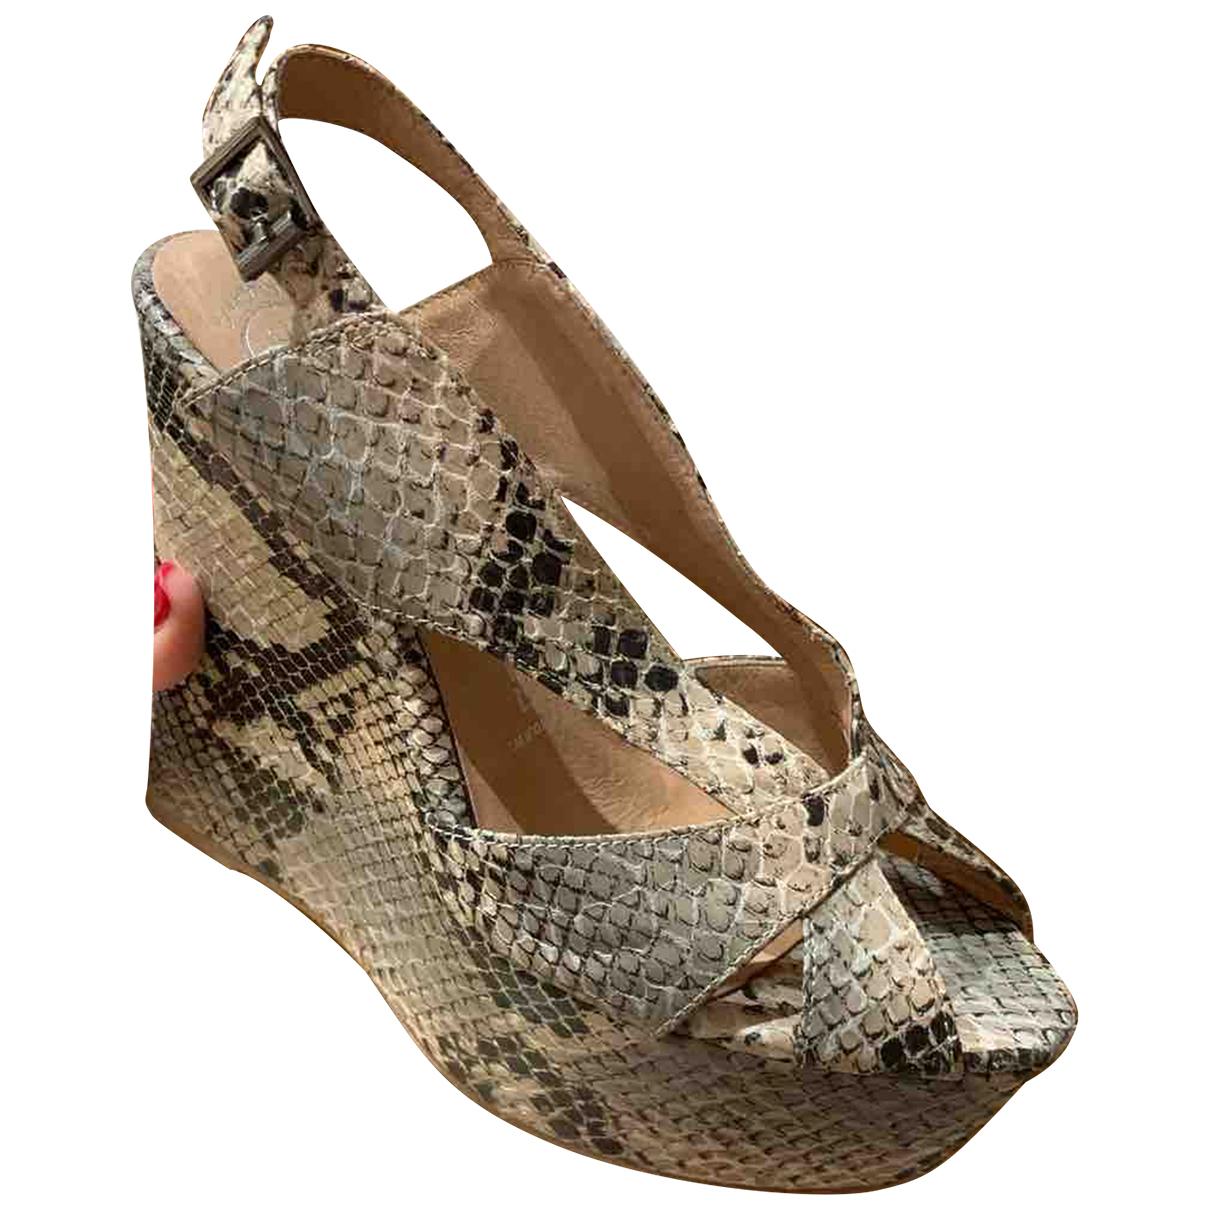 Jeffrey Campbell N Beige Leather Heels for Women 37 EU